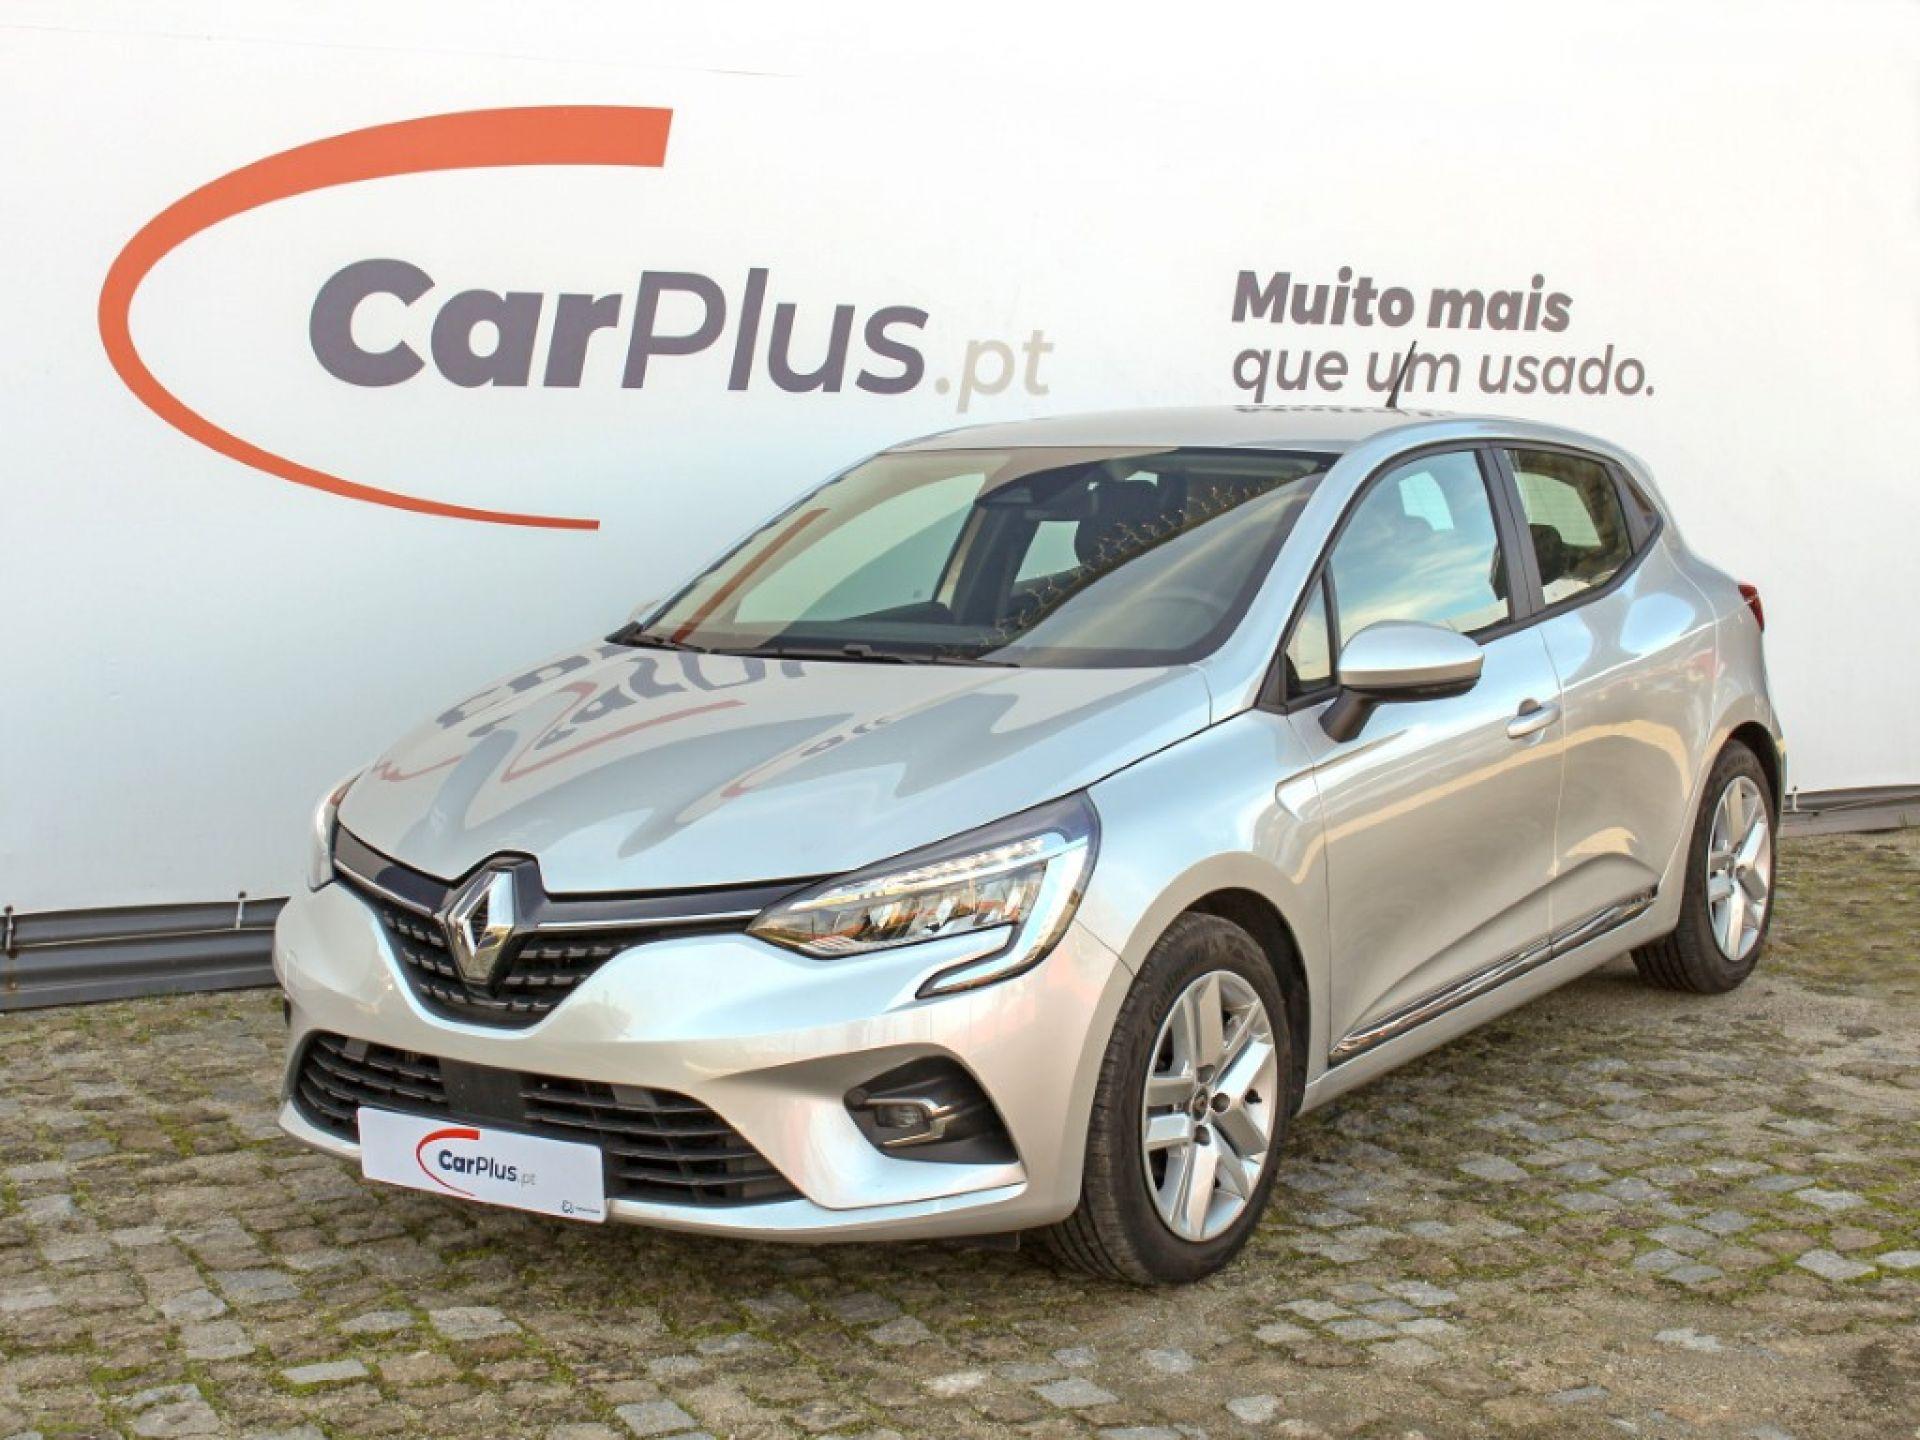 Renault Clio TCe 100 Bi-Fuel Intens segunda mão Braga